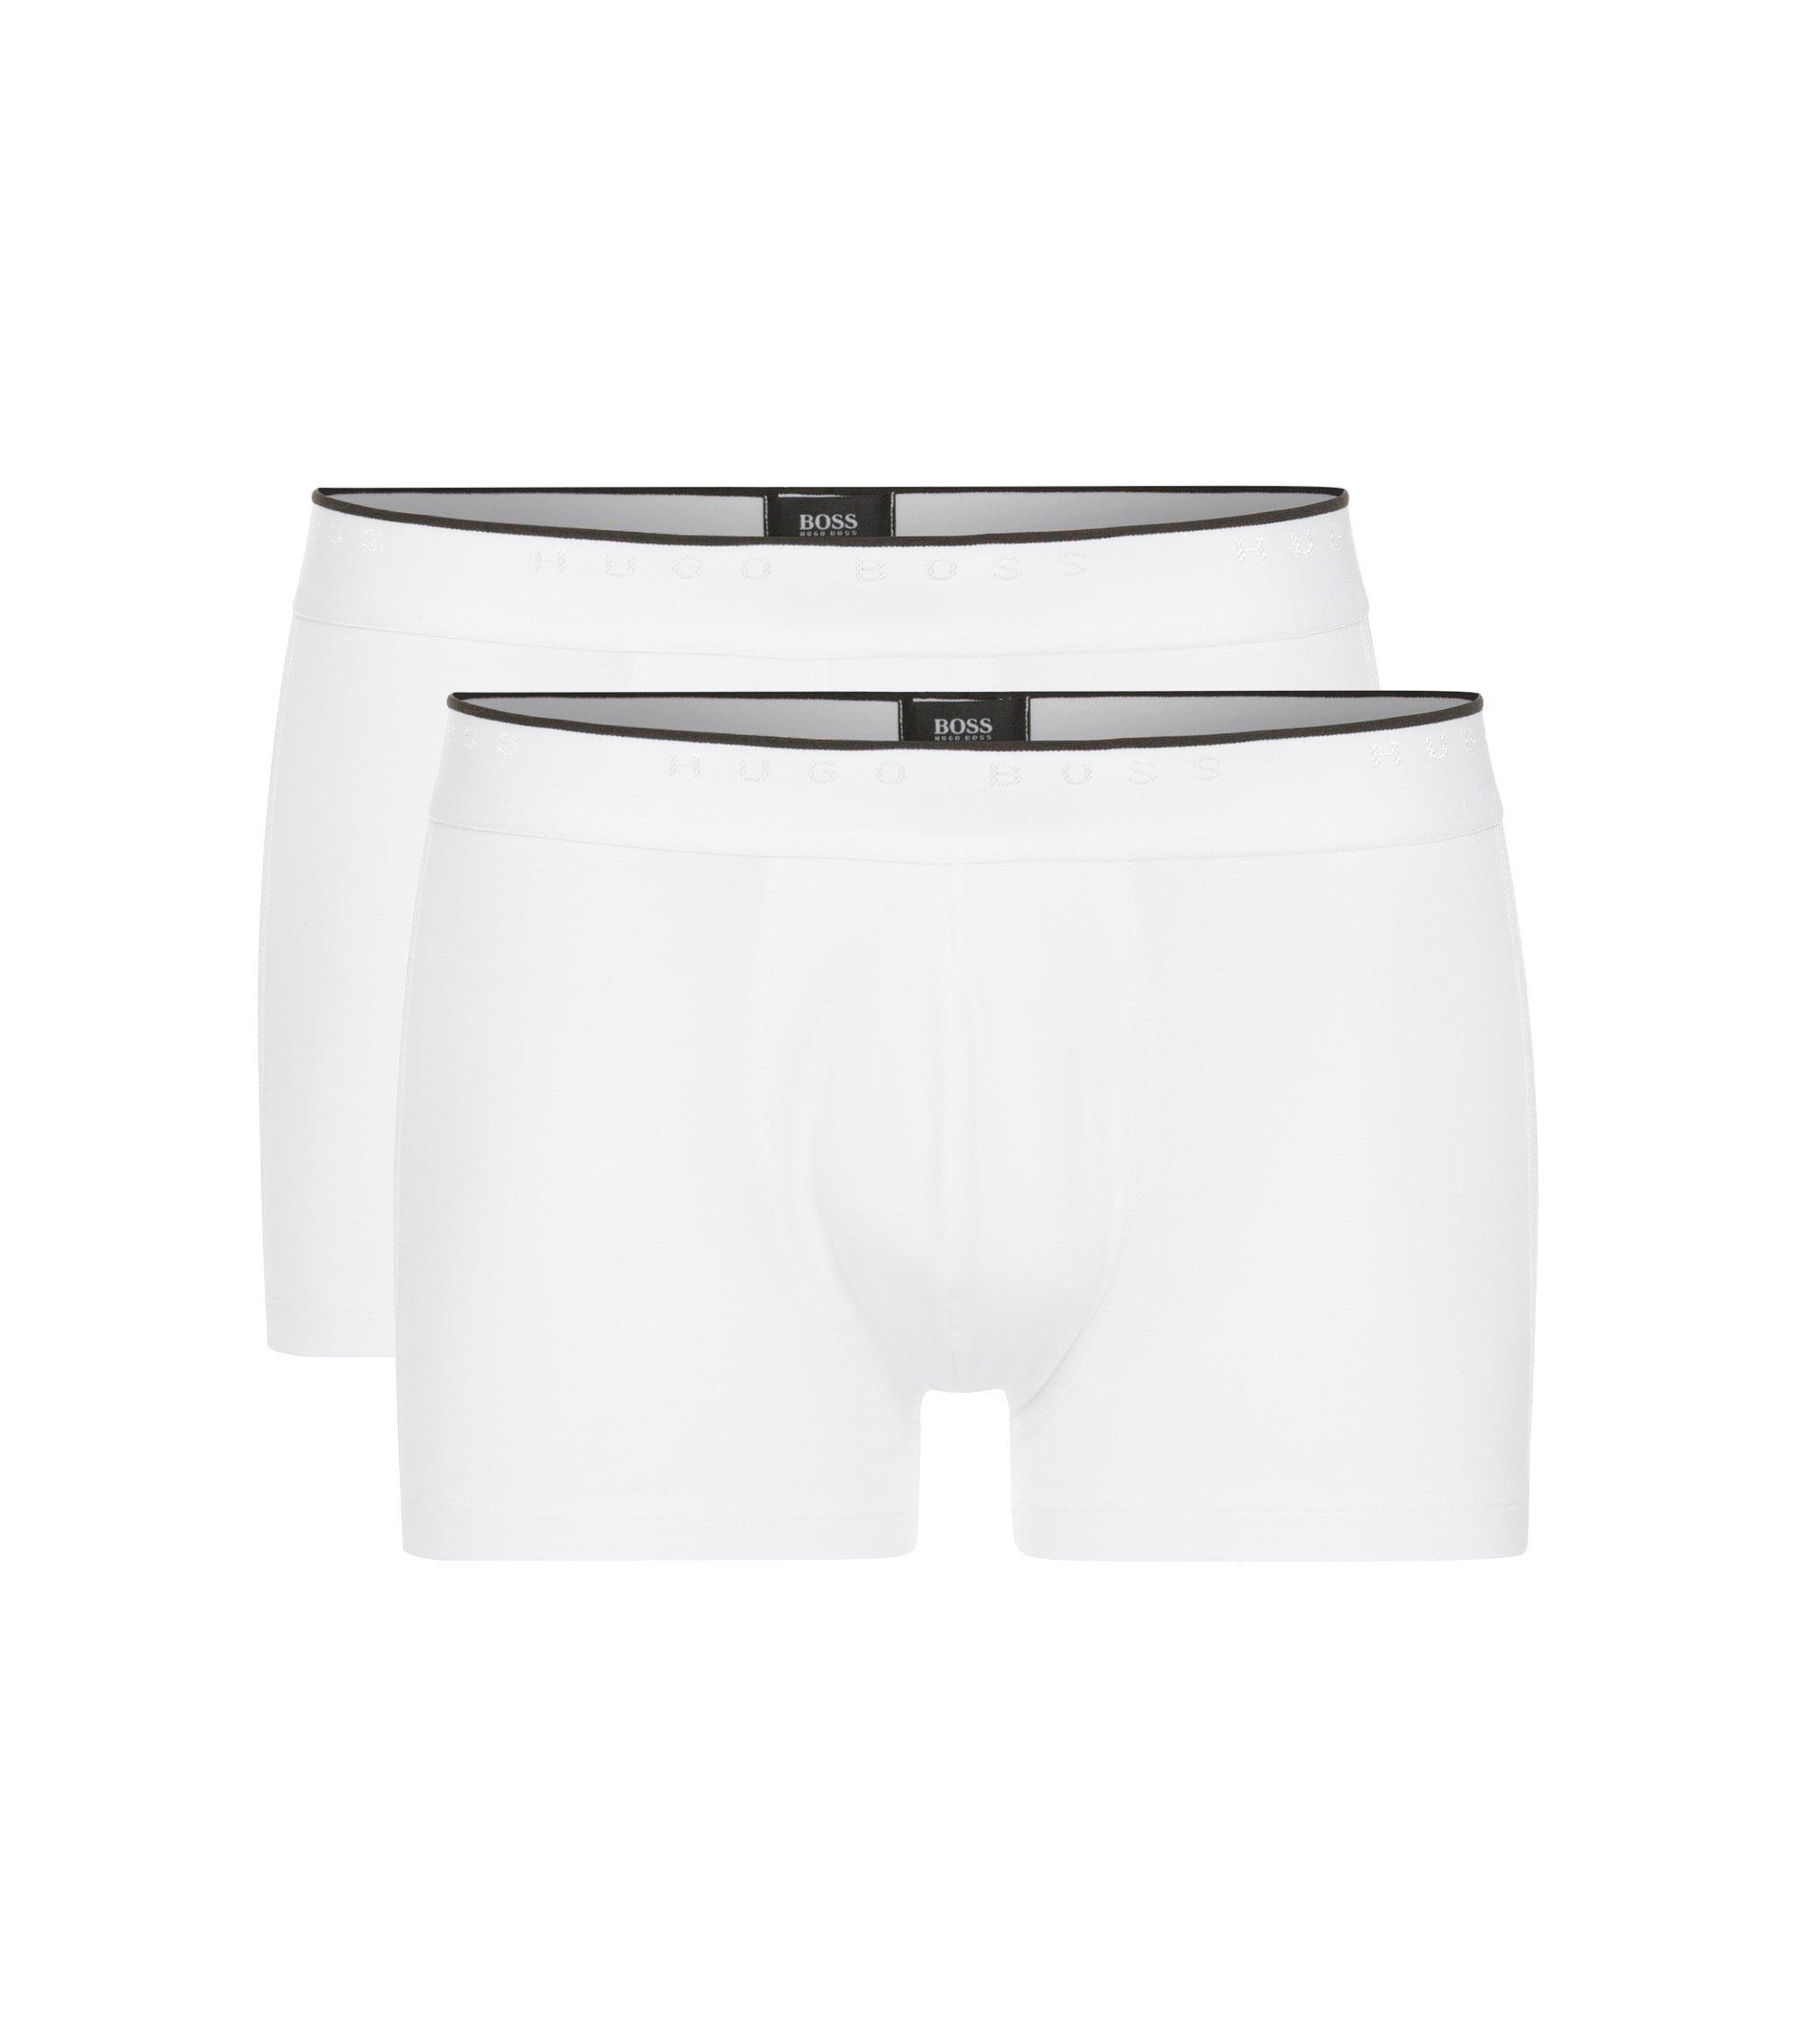 Boxershorts aus elastischer Baumwolle mit mittlerer Bundhöhe, Weiß